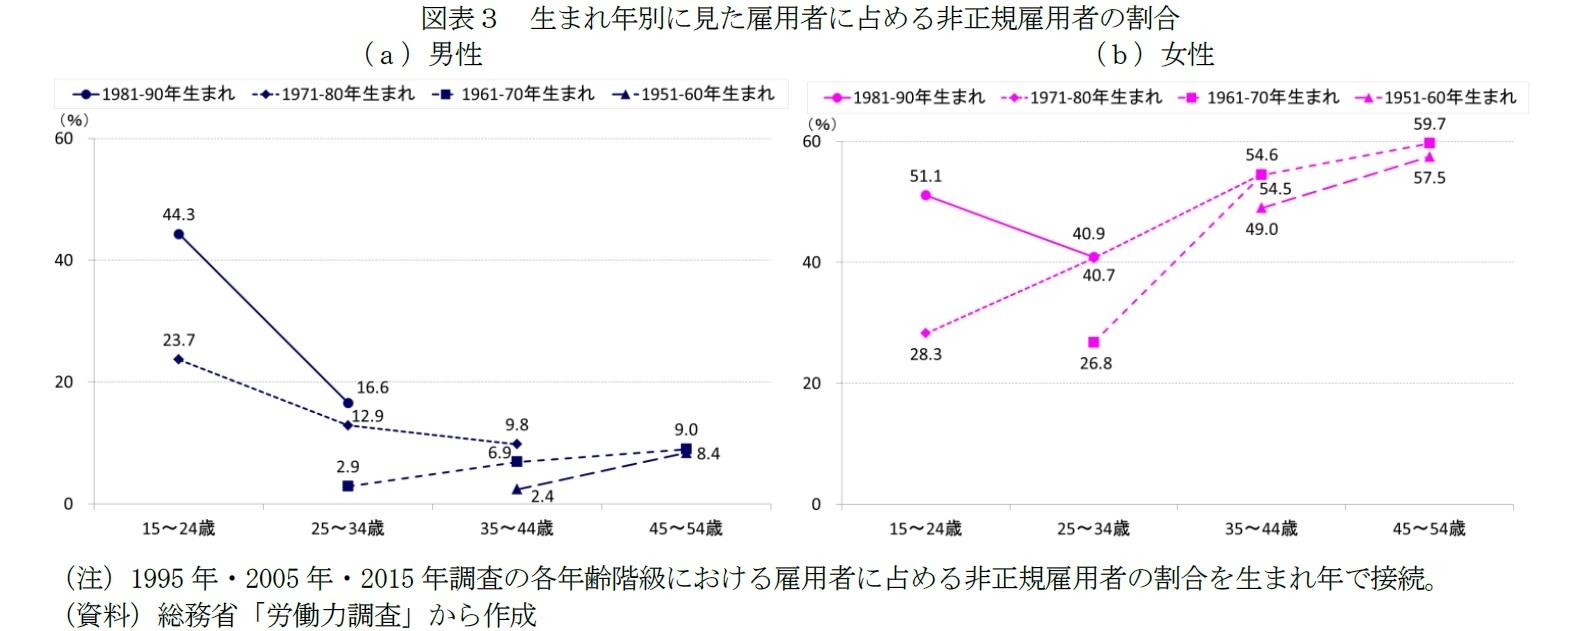 図表3 生まれ年別に見た雇用者に占める非正規雇用者の割合